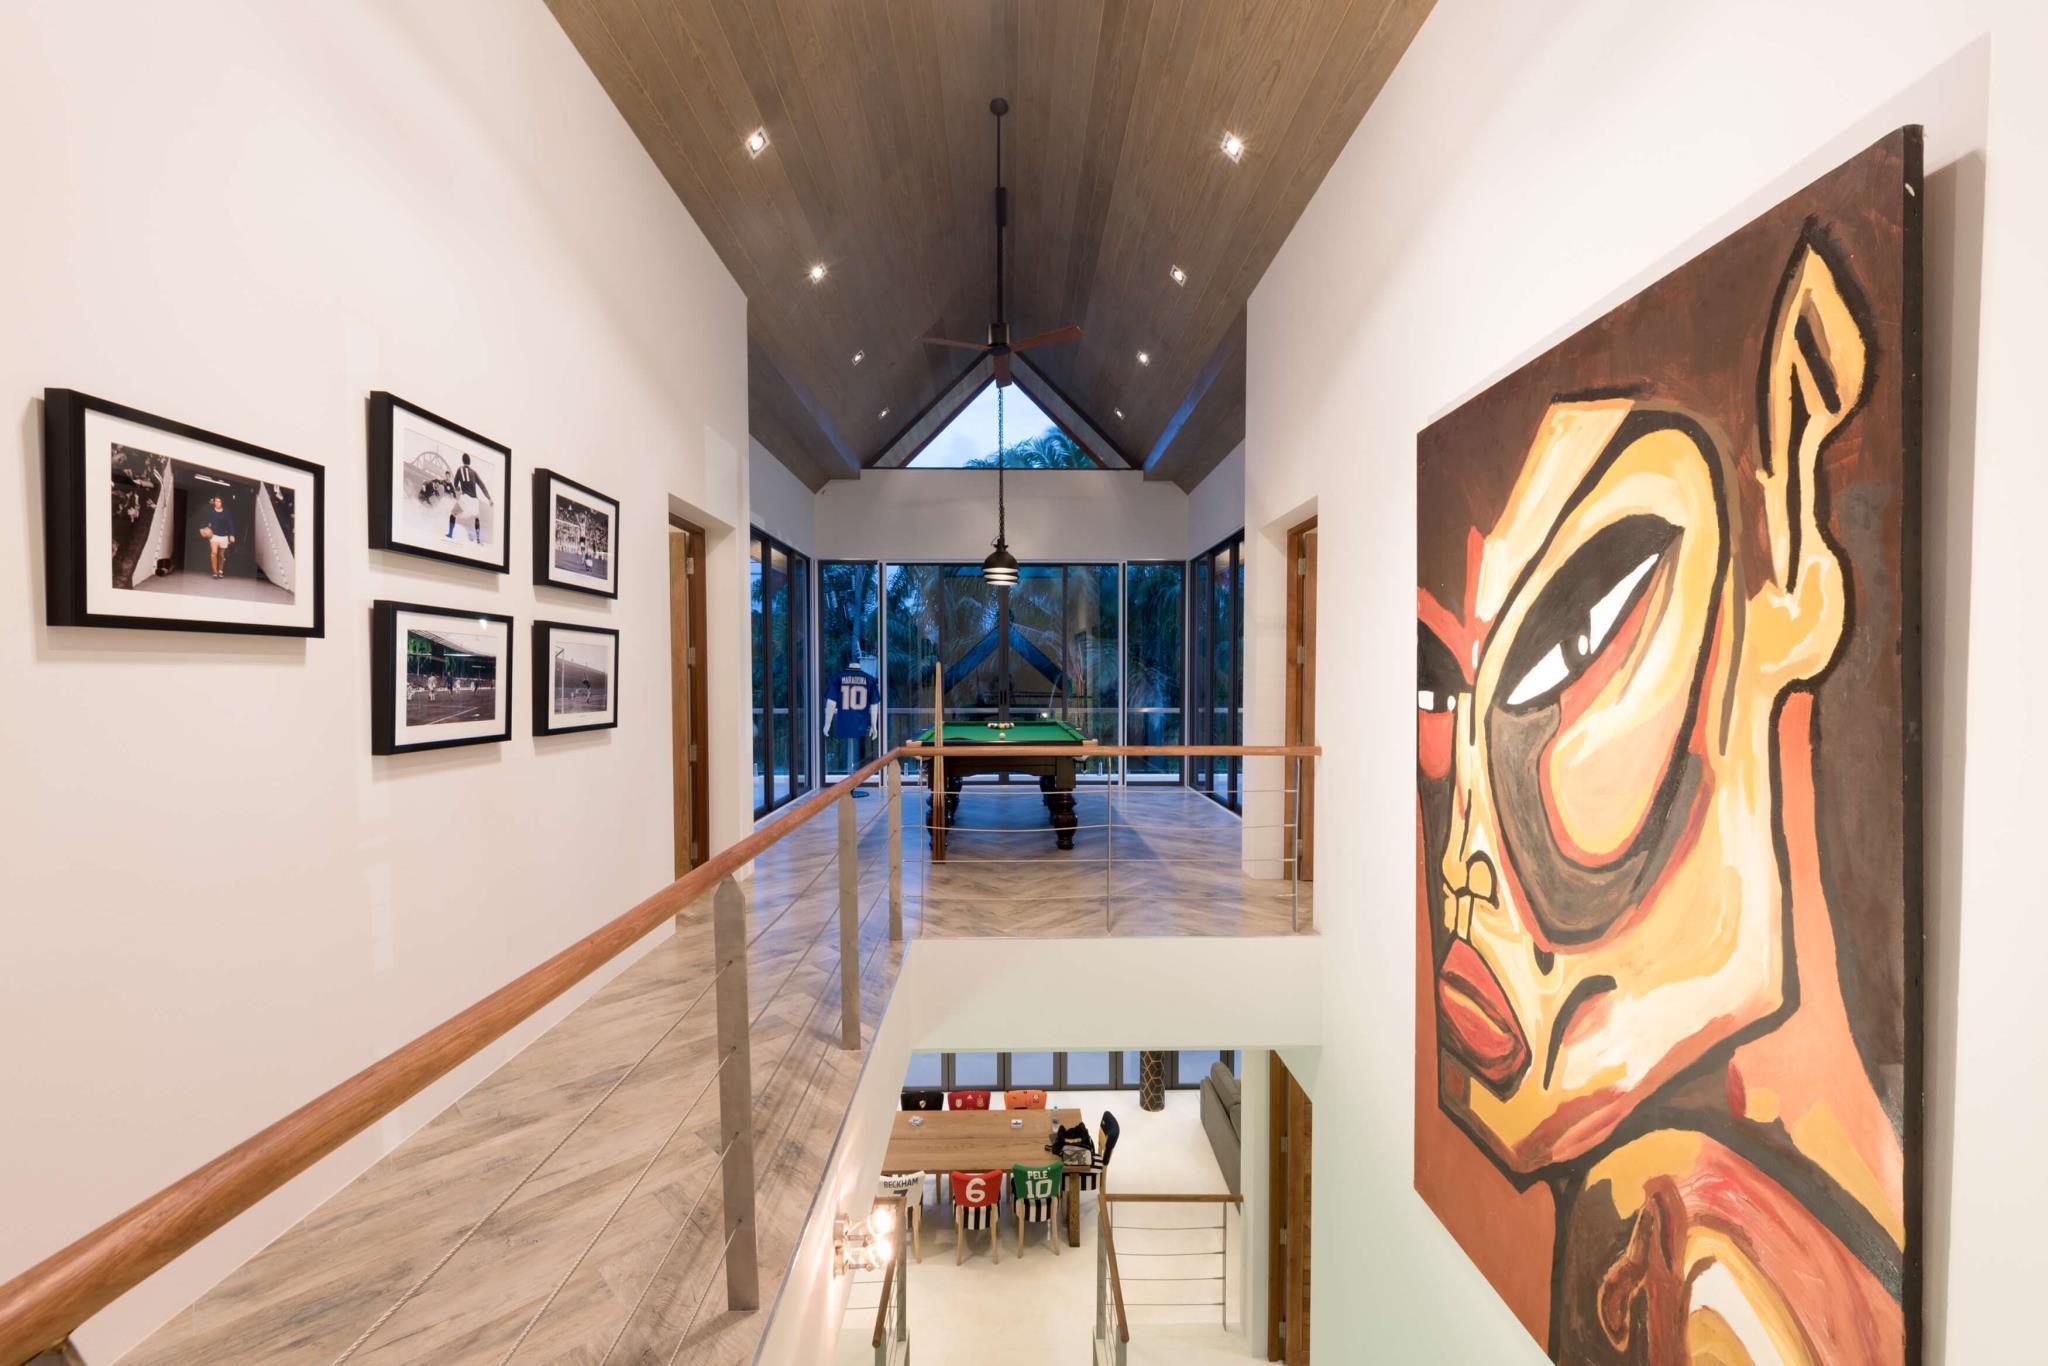 Picasso Villas Pablo - Fantastic 5 Br Pool Villa Picasso Villas Pablo - Fantastic 5 Br Pool Villa